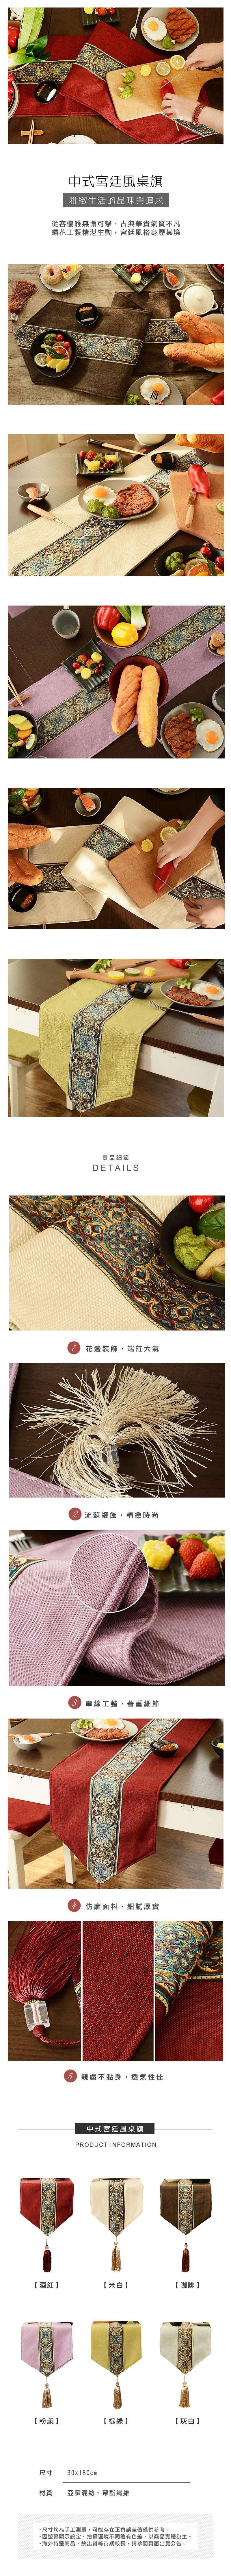 中式宮廷風桌旗